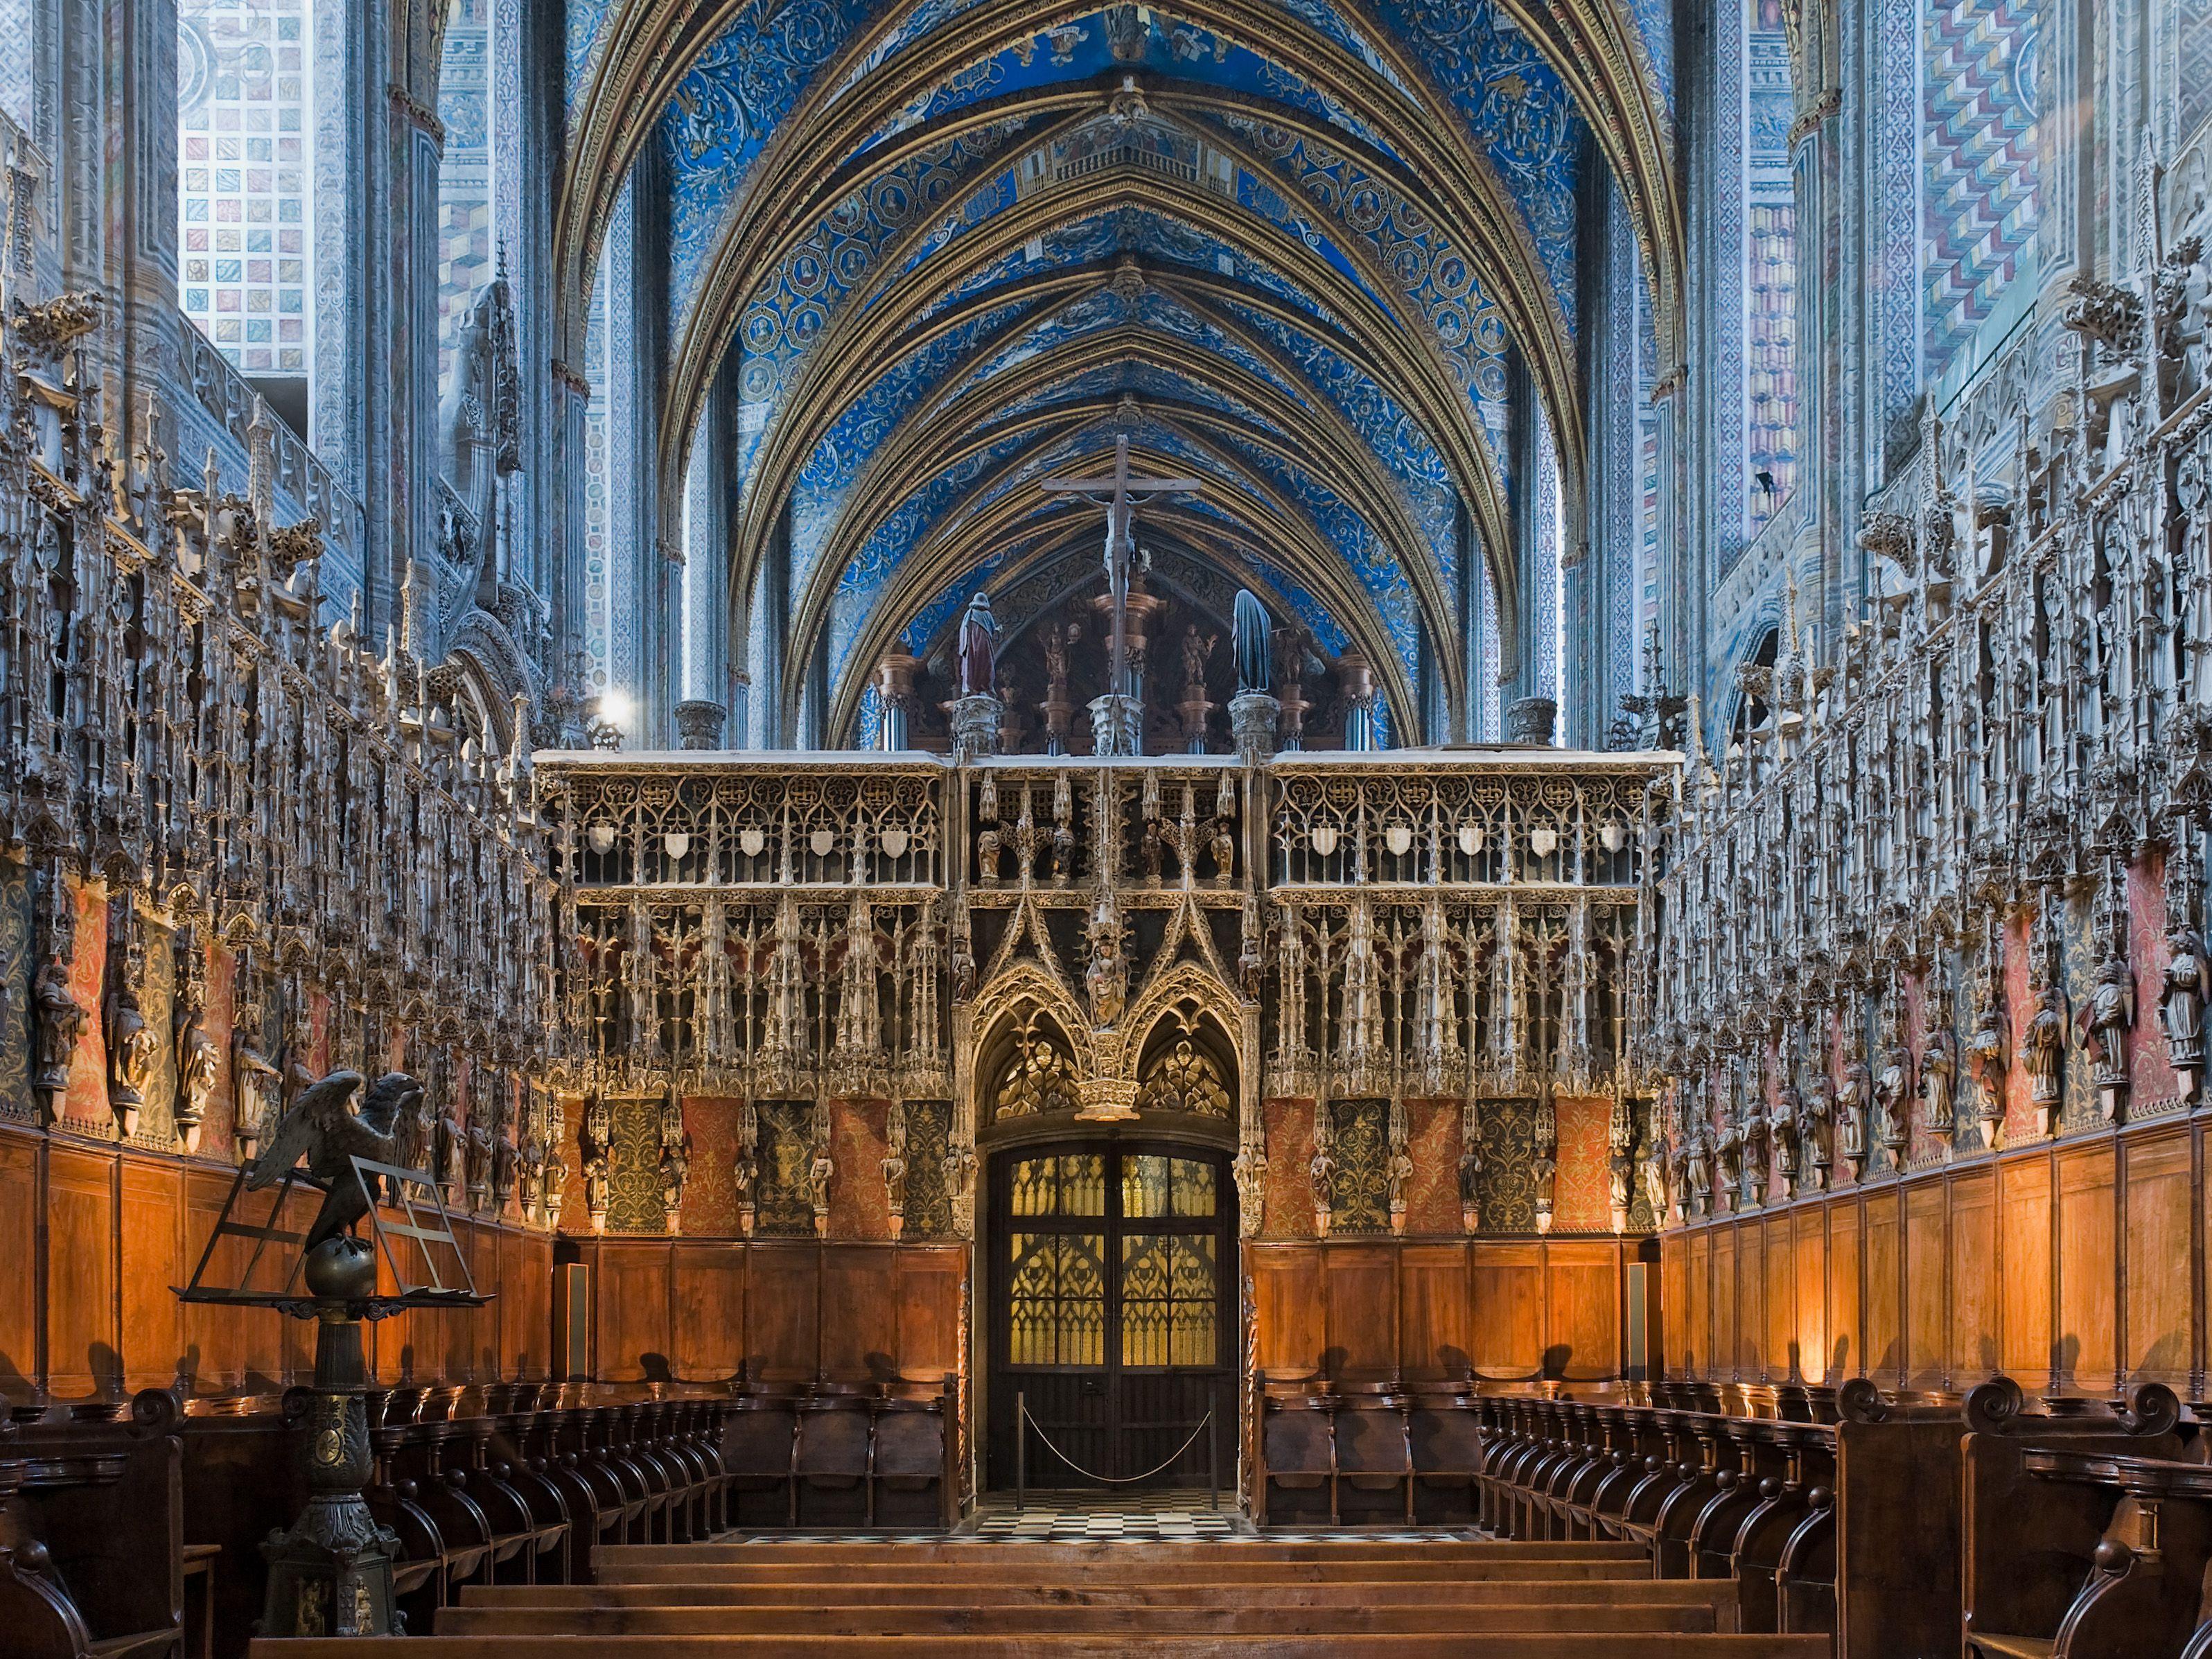 Katedrala Albi, Francuska - jednobrodna